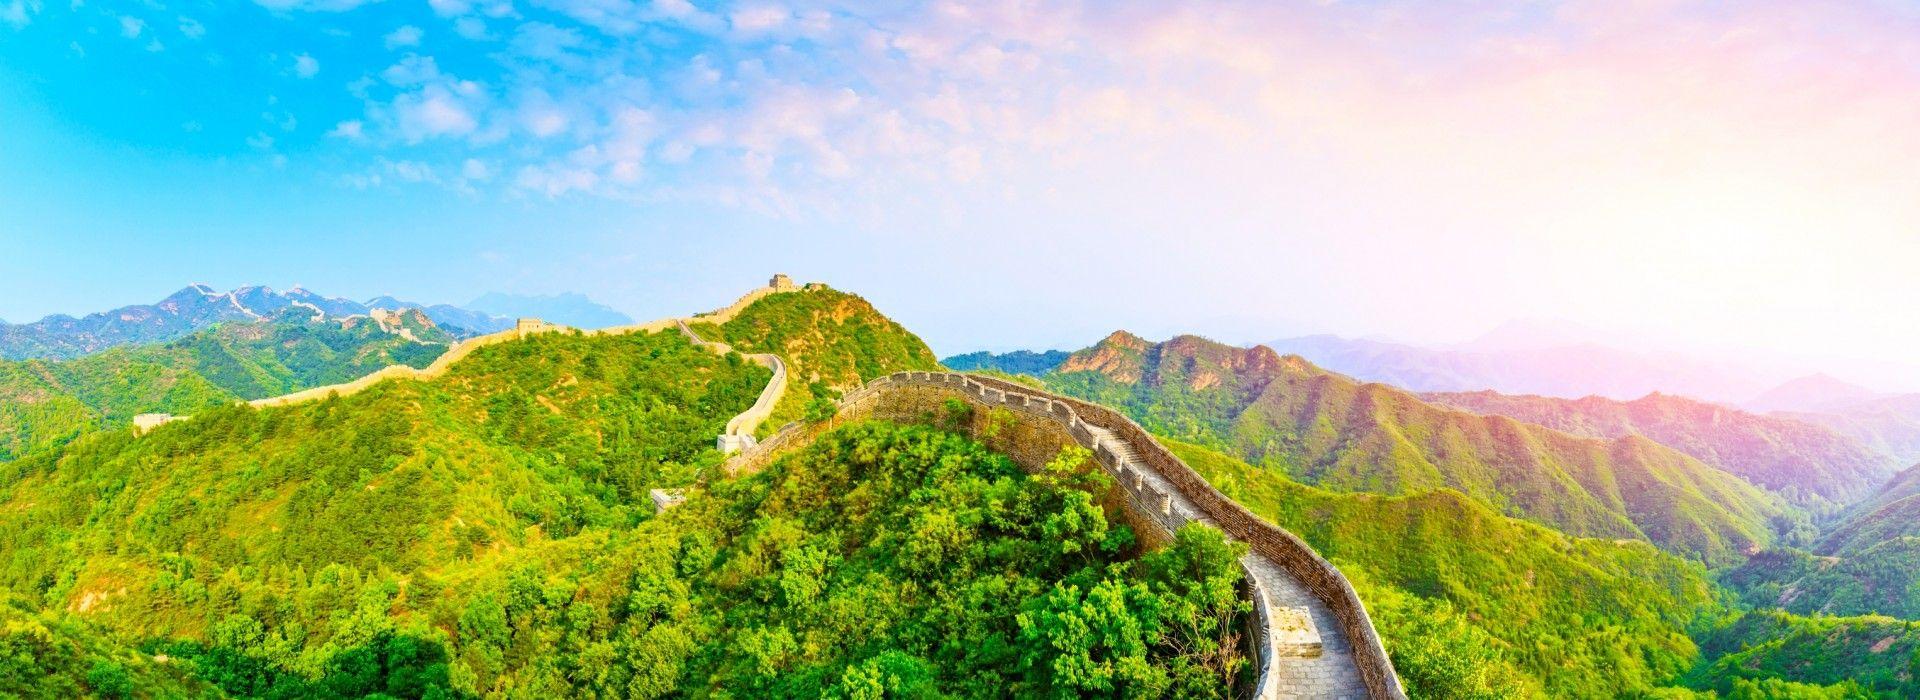 National parks Tours in Zhangjiajie